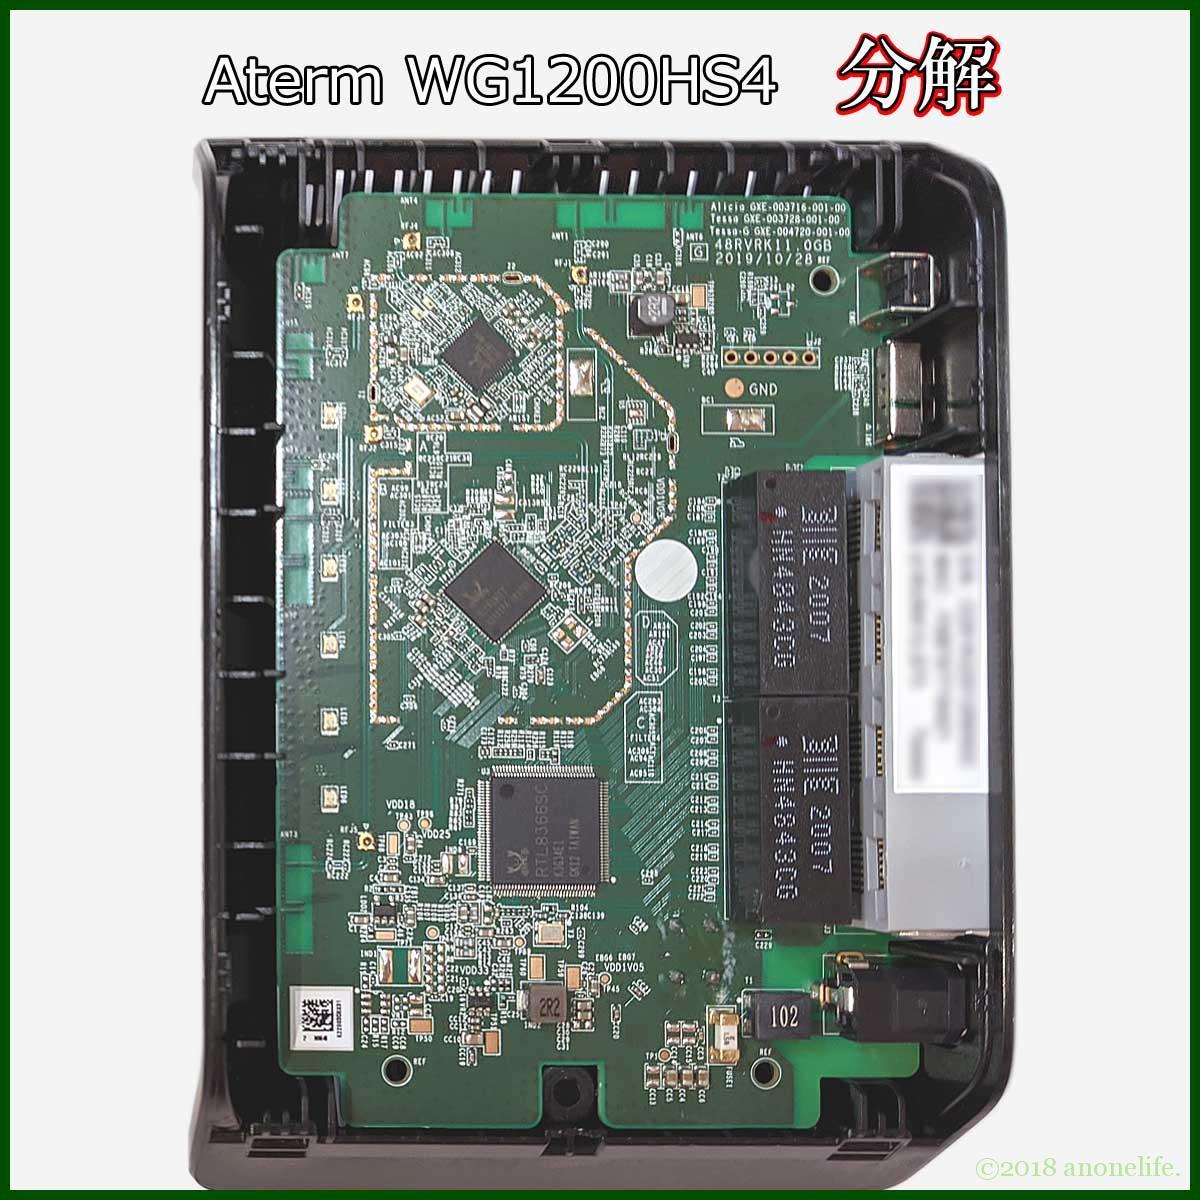 Aterm WG1200HS4 分解